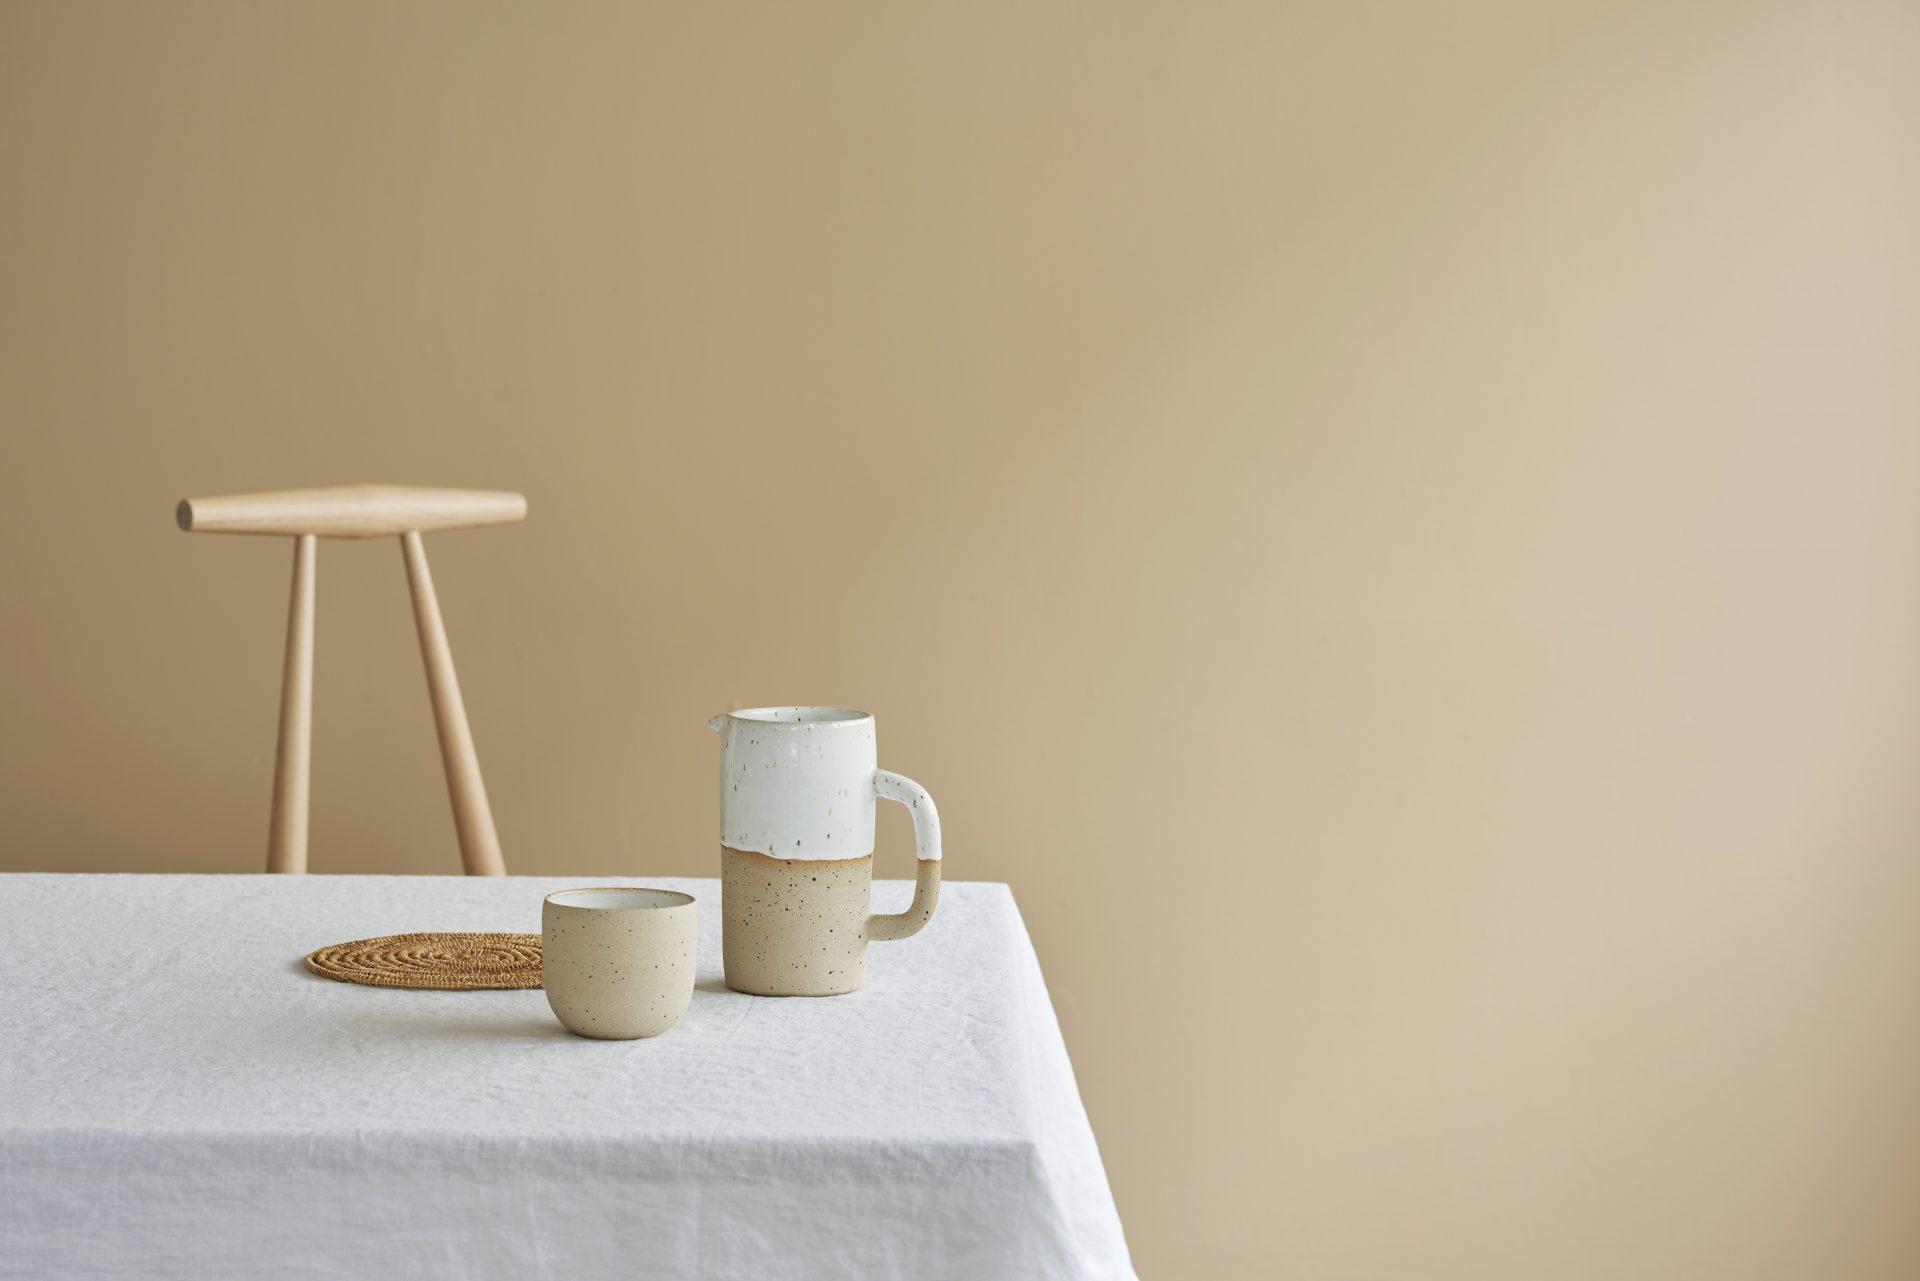 Billeder af design og møbler